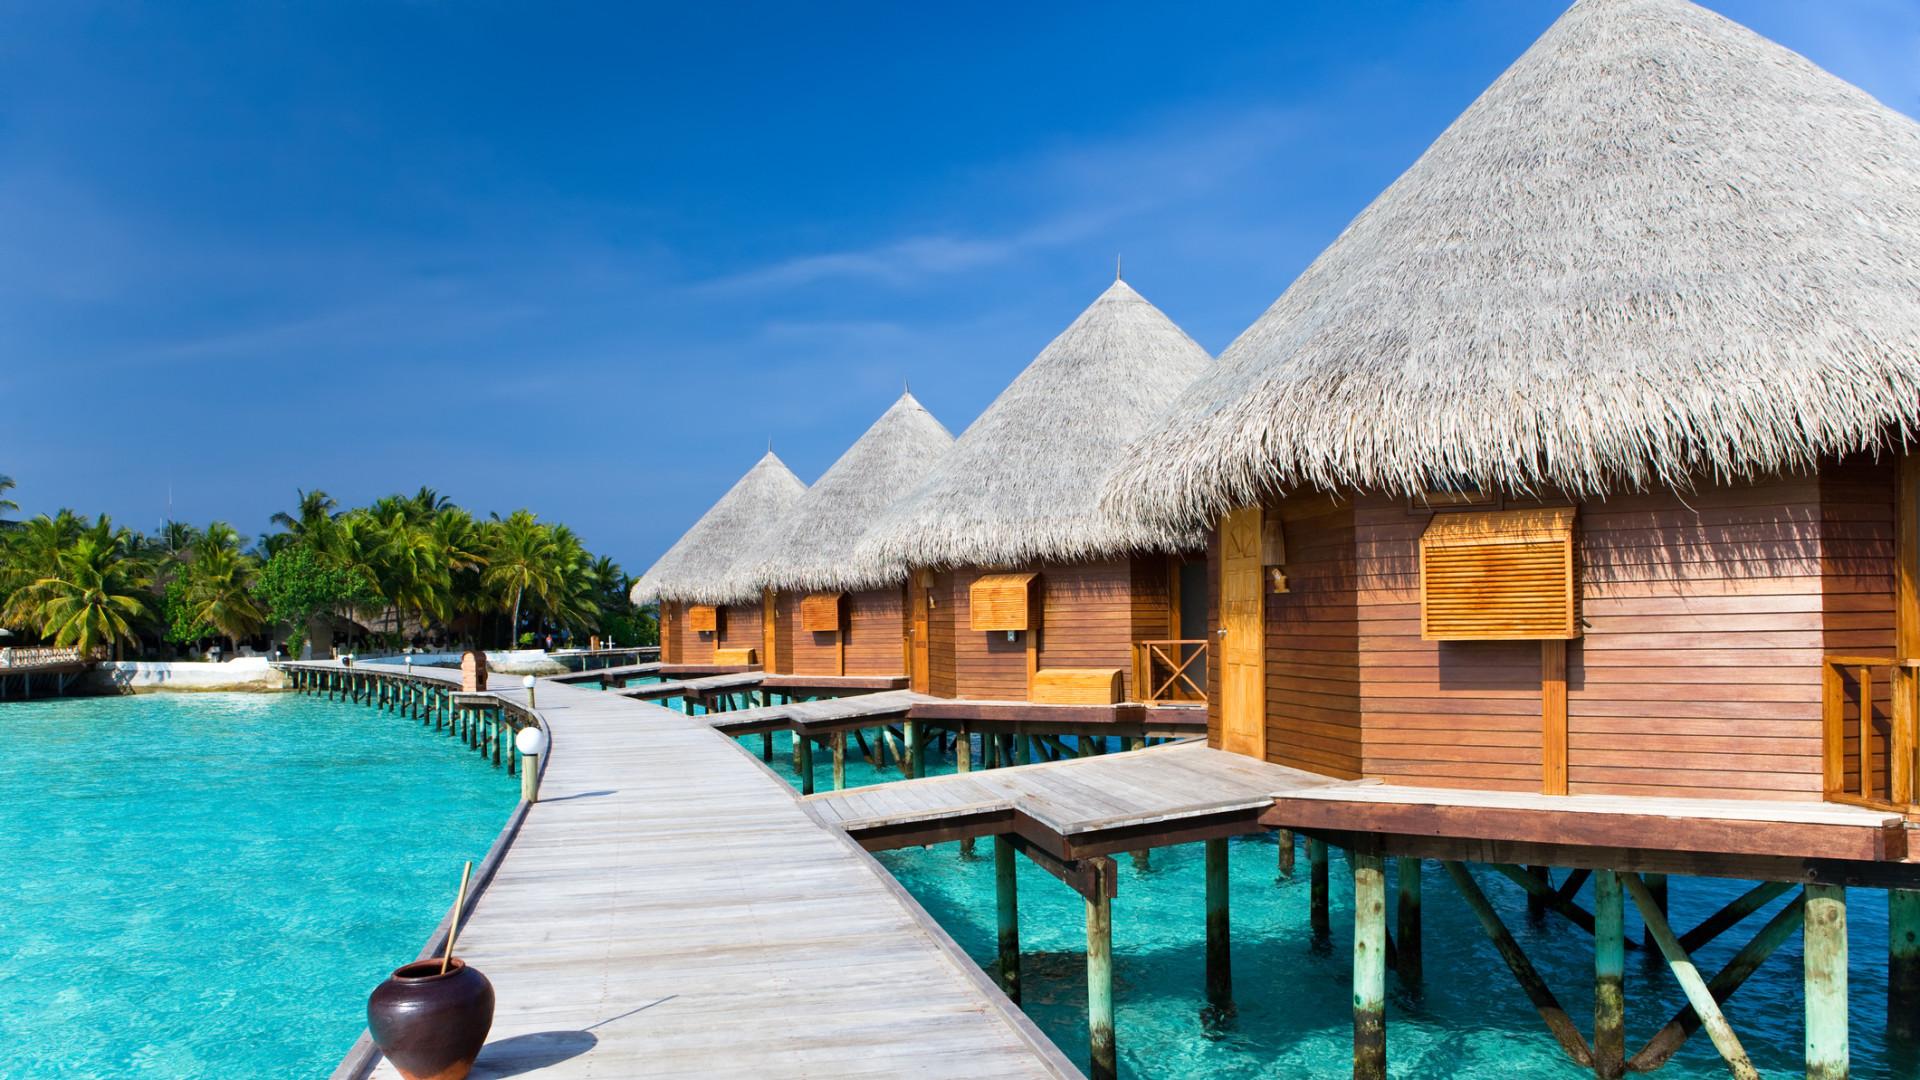 Выбираем правильный сезон для отдыха на Мальдивах: температура по месяцам, комфортность пребывания